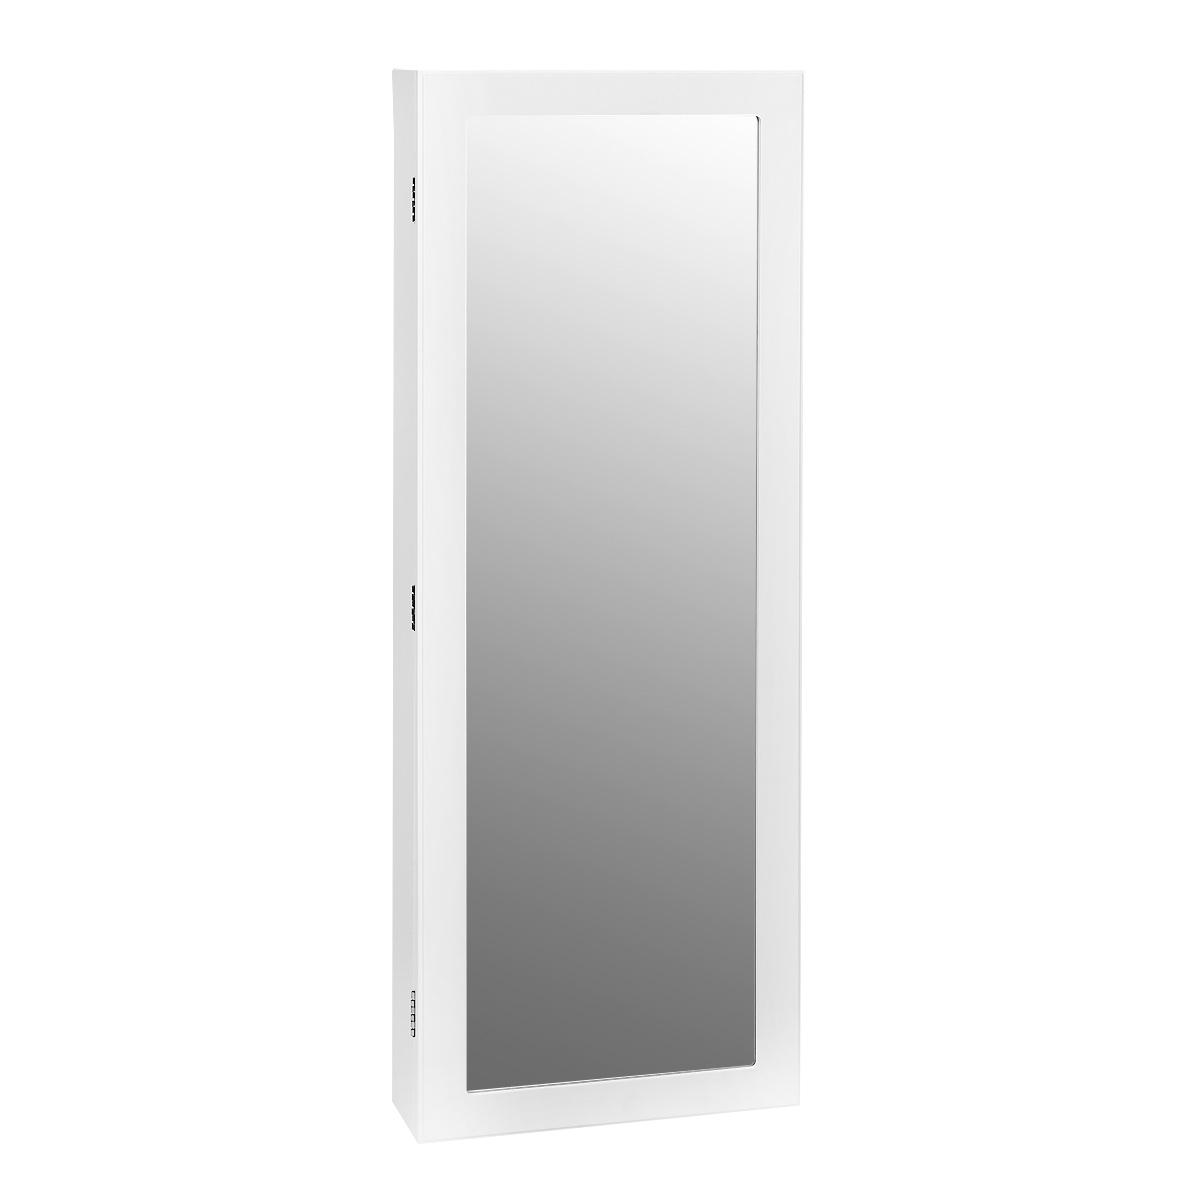 Зеркало-шкаф Bradex Тайник, цвет: белый, 10,5 х 36,8 х 101,5 смTD 0216Тайник - это одновременно и шкаф для бижутерии, и зеркало. Подходящее по габаритам для практически любого помещения, зеркало-шкаф поможет Вам красиво уложить Ваши сокровища, при этом Вы не будете терять украшения и всегда будете иметь весь ассортимент под рукой. Внутри шкафа находится множество крючков. На дверце расположено зеркало, которое украсит Вашу комнату и зрительно увеличит ее. Зеркало-шкаф удобно крепится на стене с помощью входящих в комплект шурупов и дюпелей.